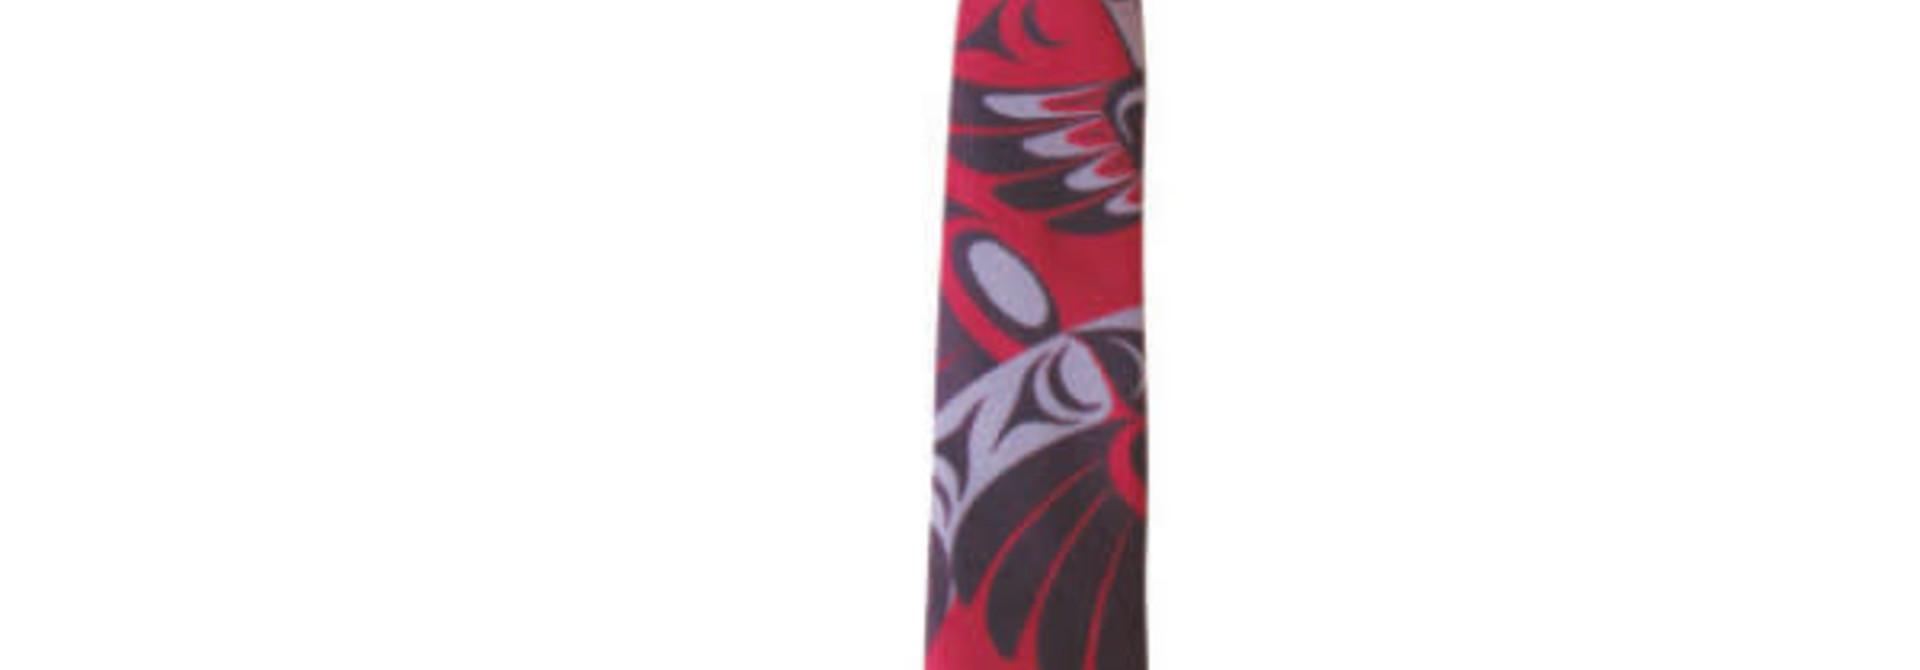 Mens Tie-Silk woven Tie-Connected-Maynard Johnny JR